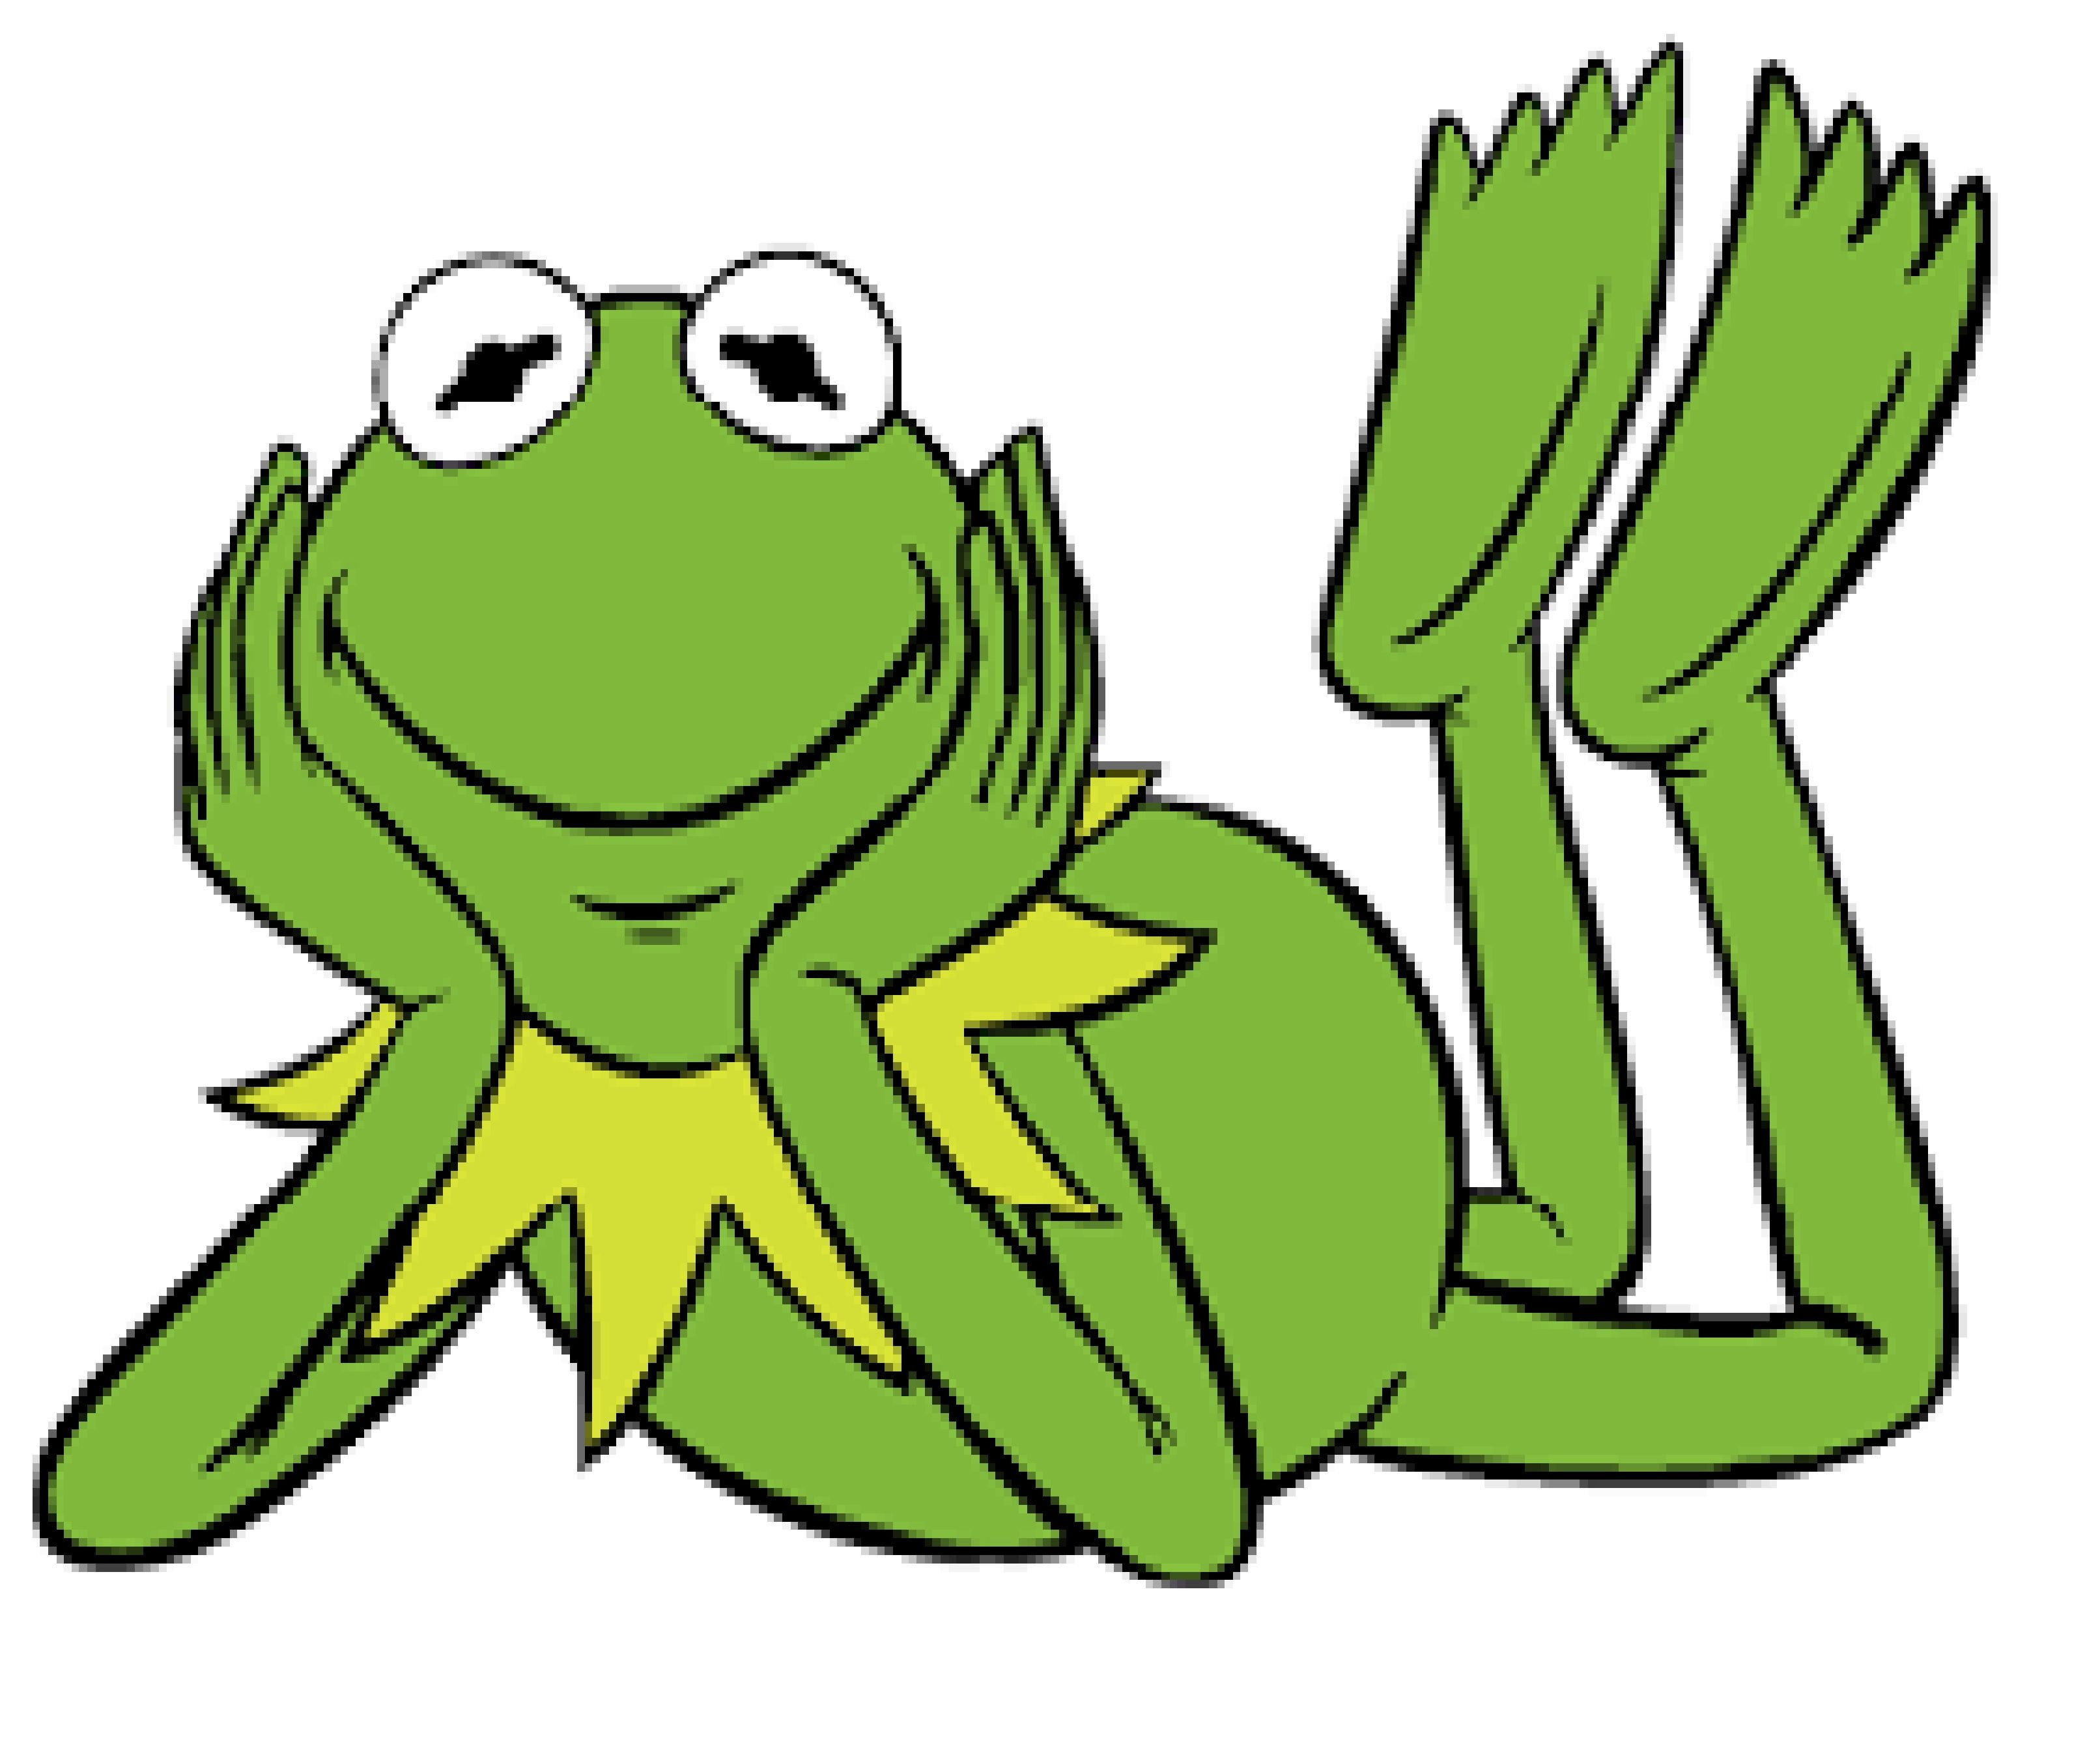 kermit animation art and comics pinterest kermit rh pinterest com